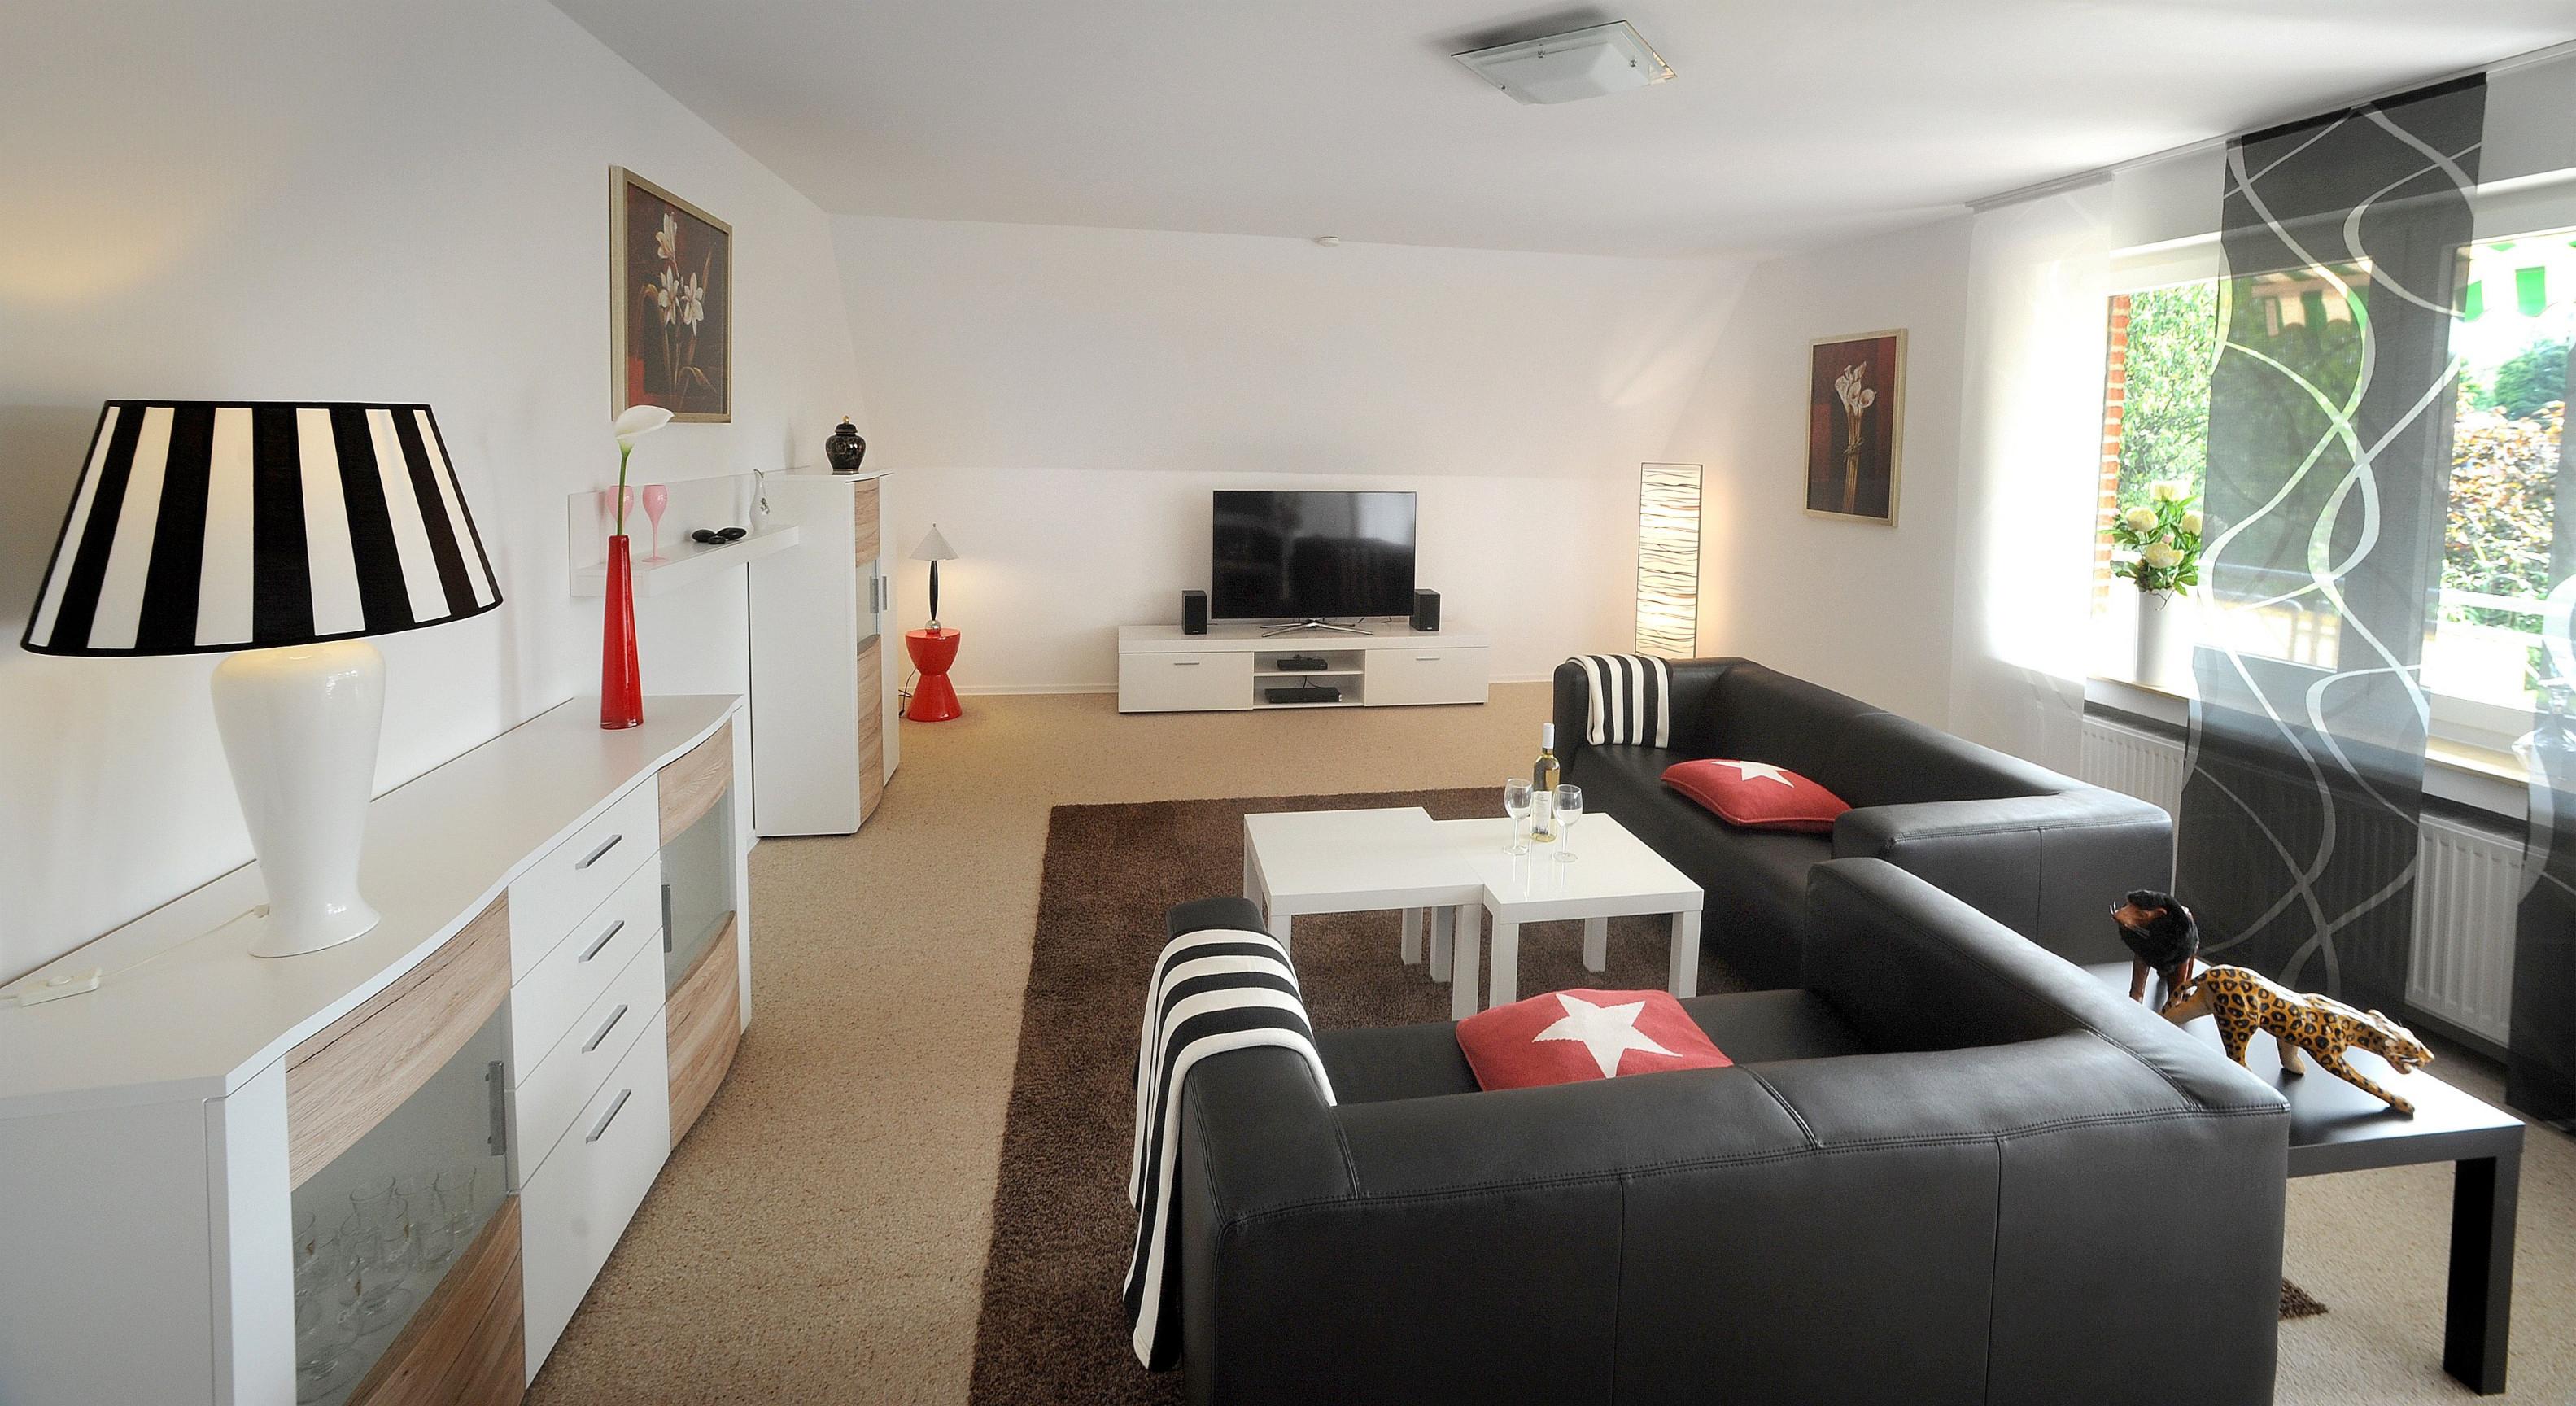 Deko Ideen Großes Wohnzimmer  Living Room Design Colour von Großes Wohnzimmer Ideen Bild